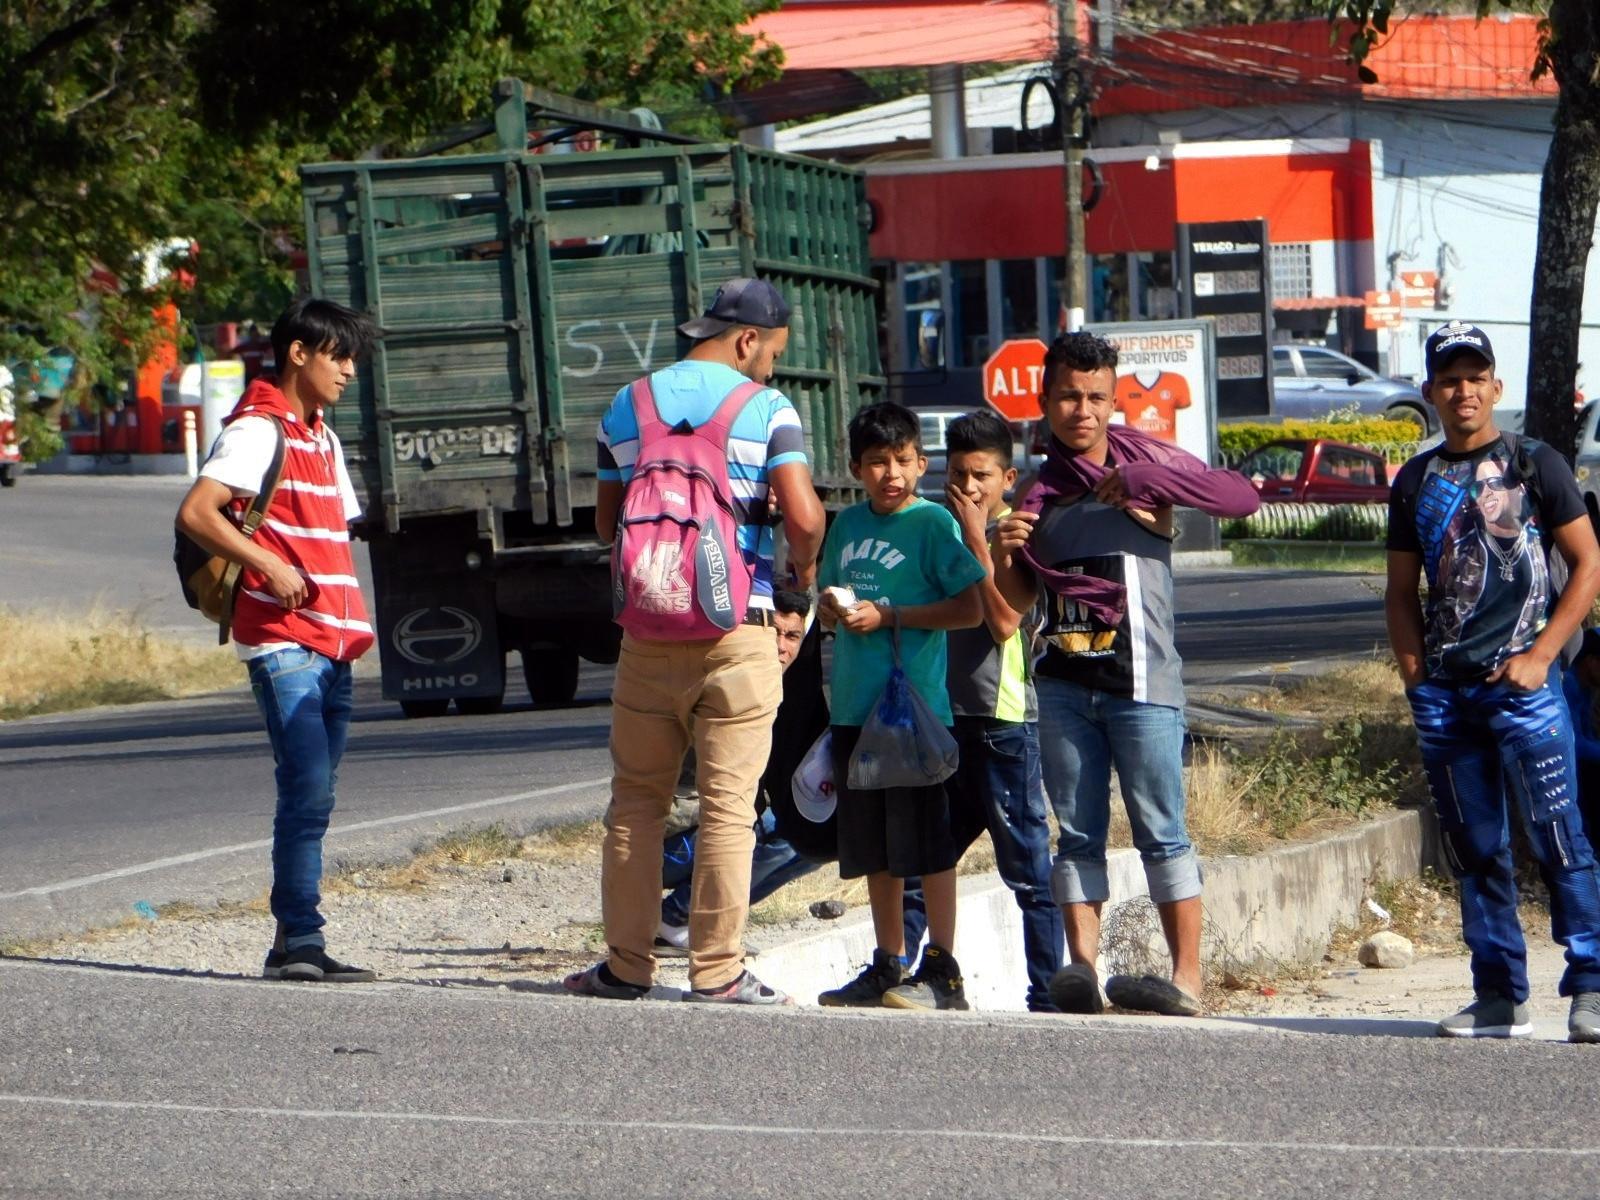 """Muchos menores de edad son parte de las caravanas; algunos caminan solos o acompañados de sus padres. """"Los niños, niñas y adolescentes migrantes siguen necesitando ayuda para garantizar su protección y bienestar"""", dijo la UNICEF en un comunicado."""